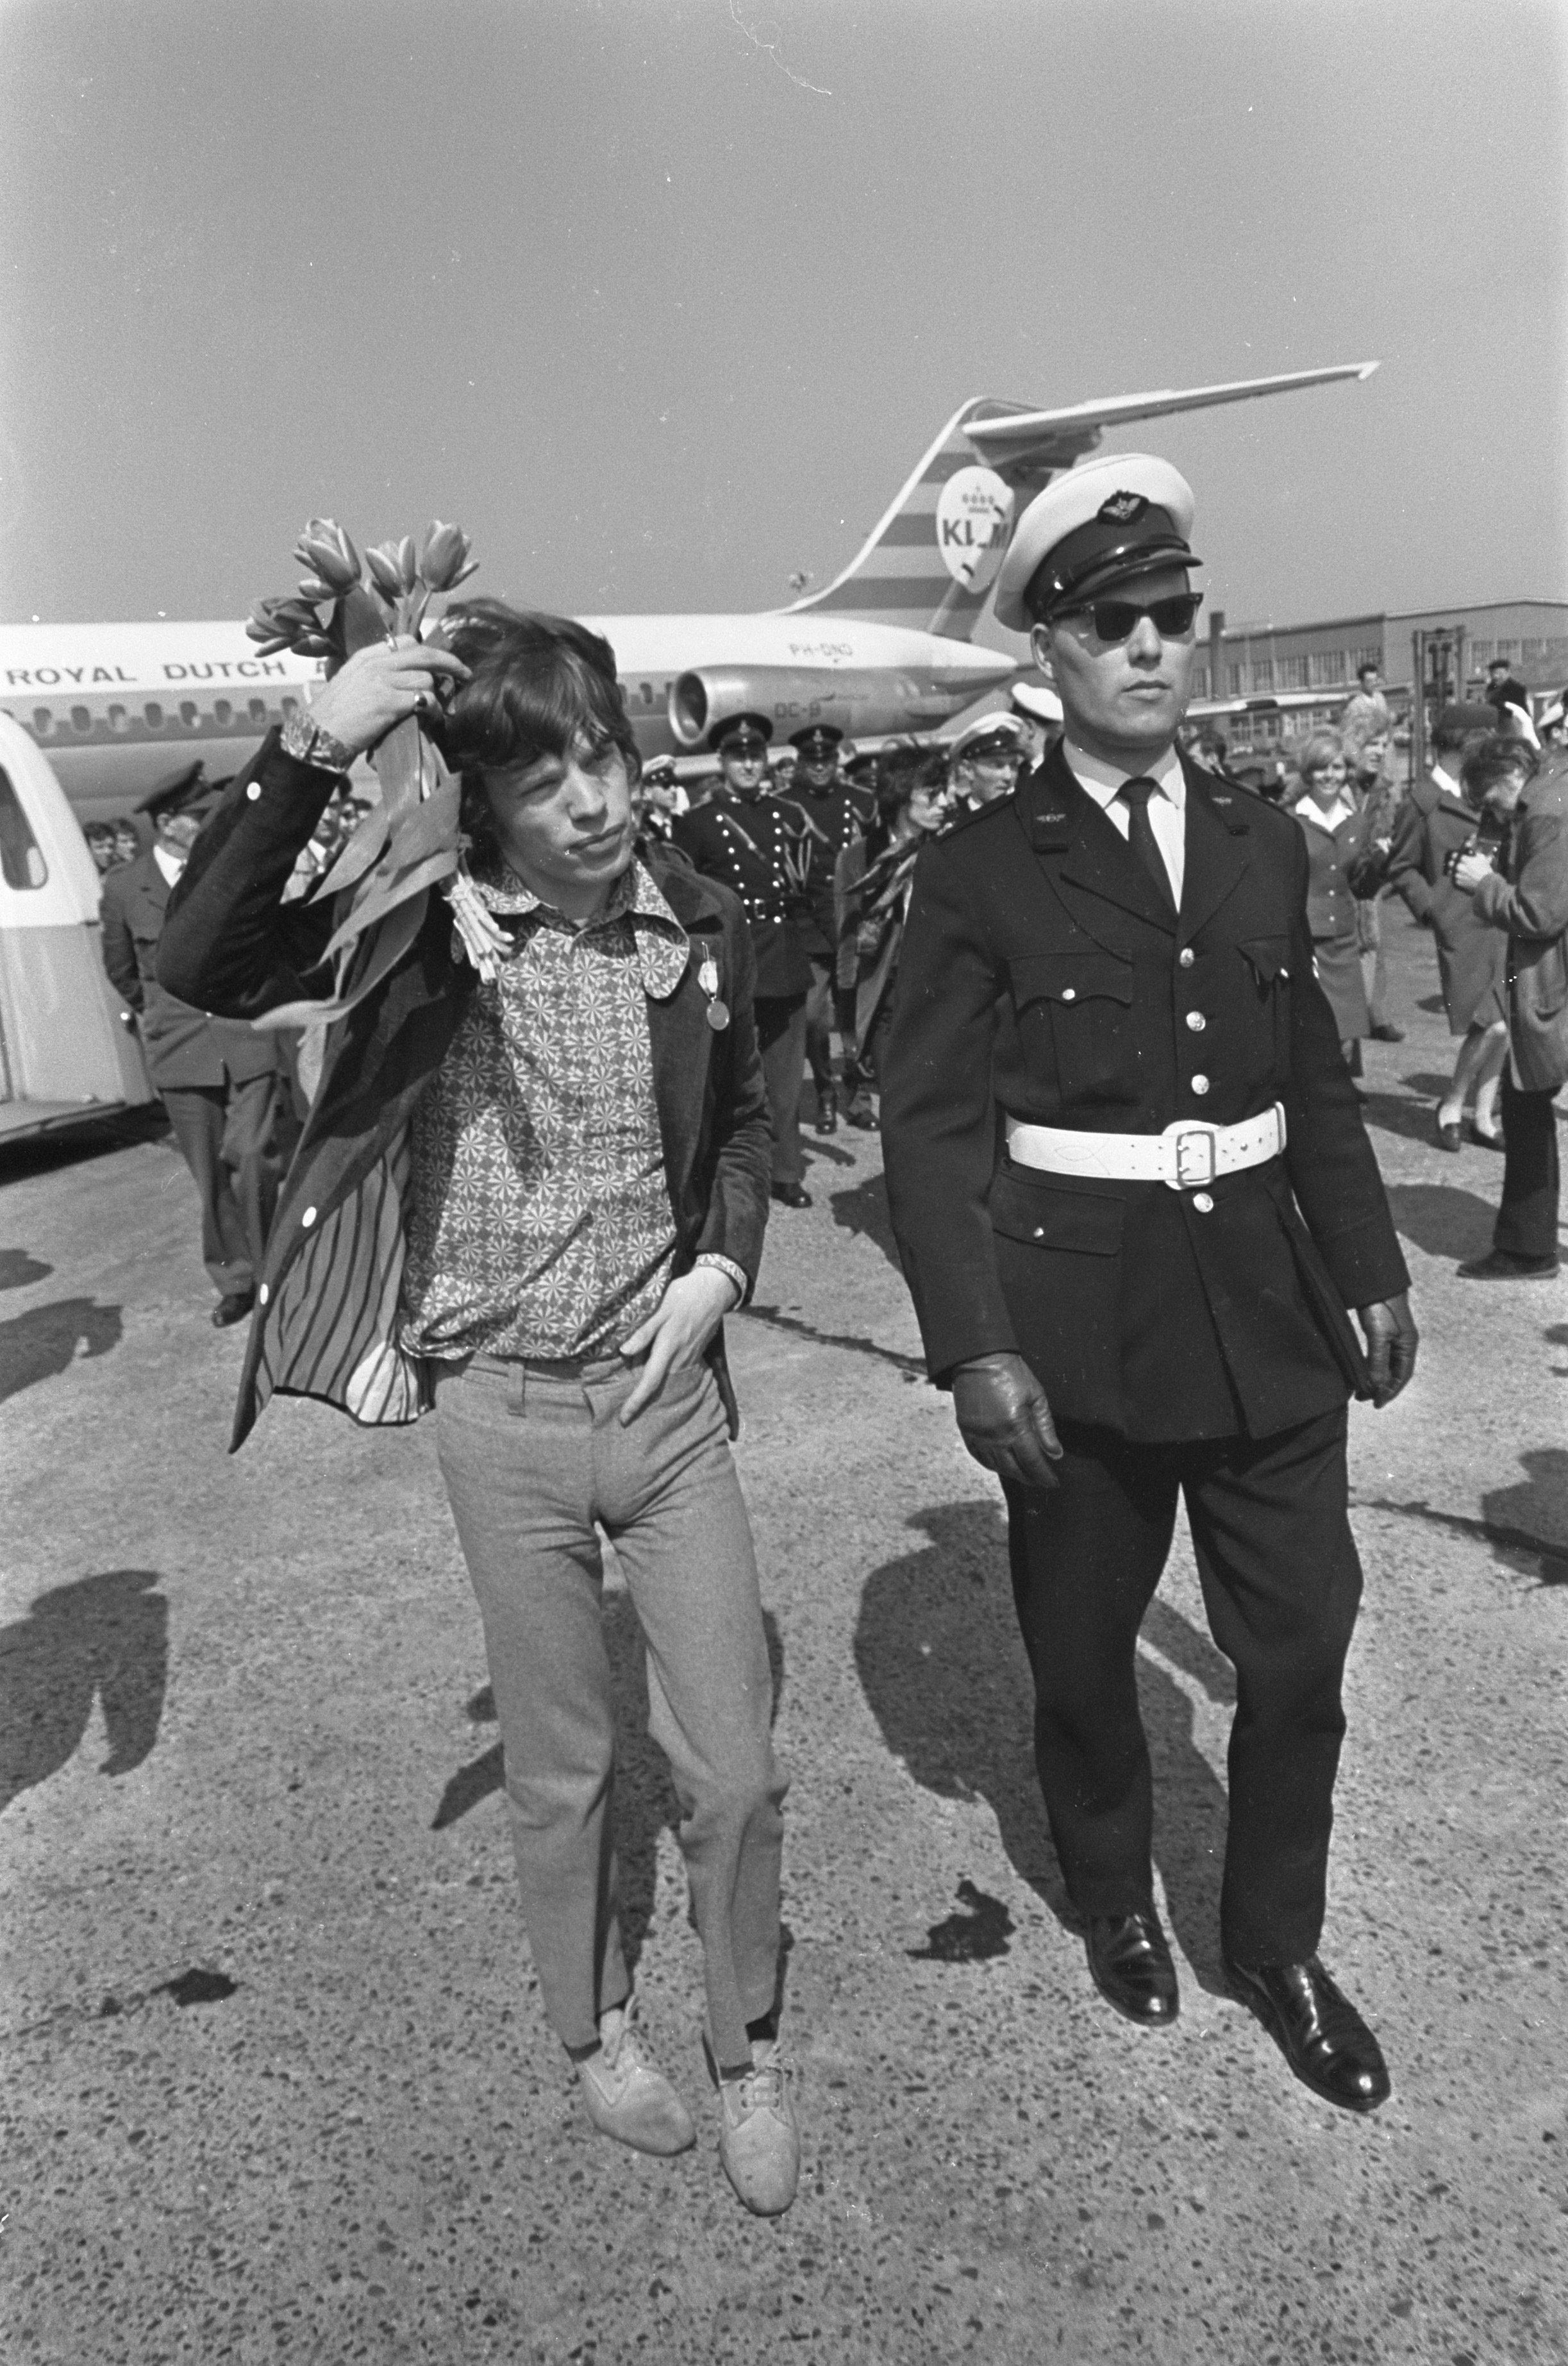 Jagger en el aeropuerto de Ámsterdam-Schiphol en 1967